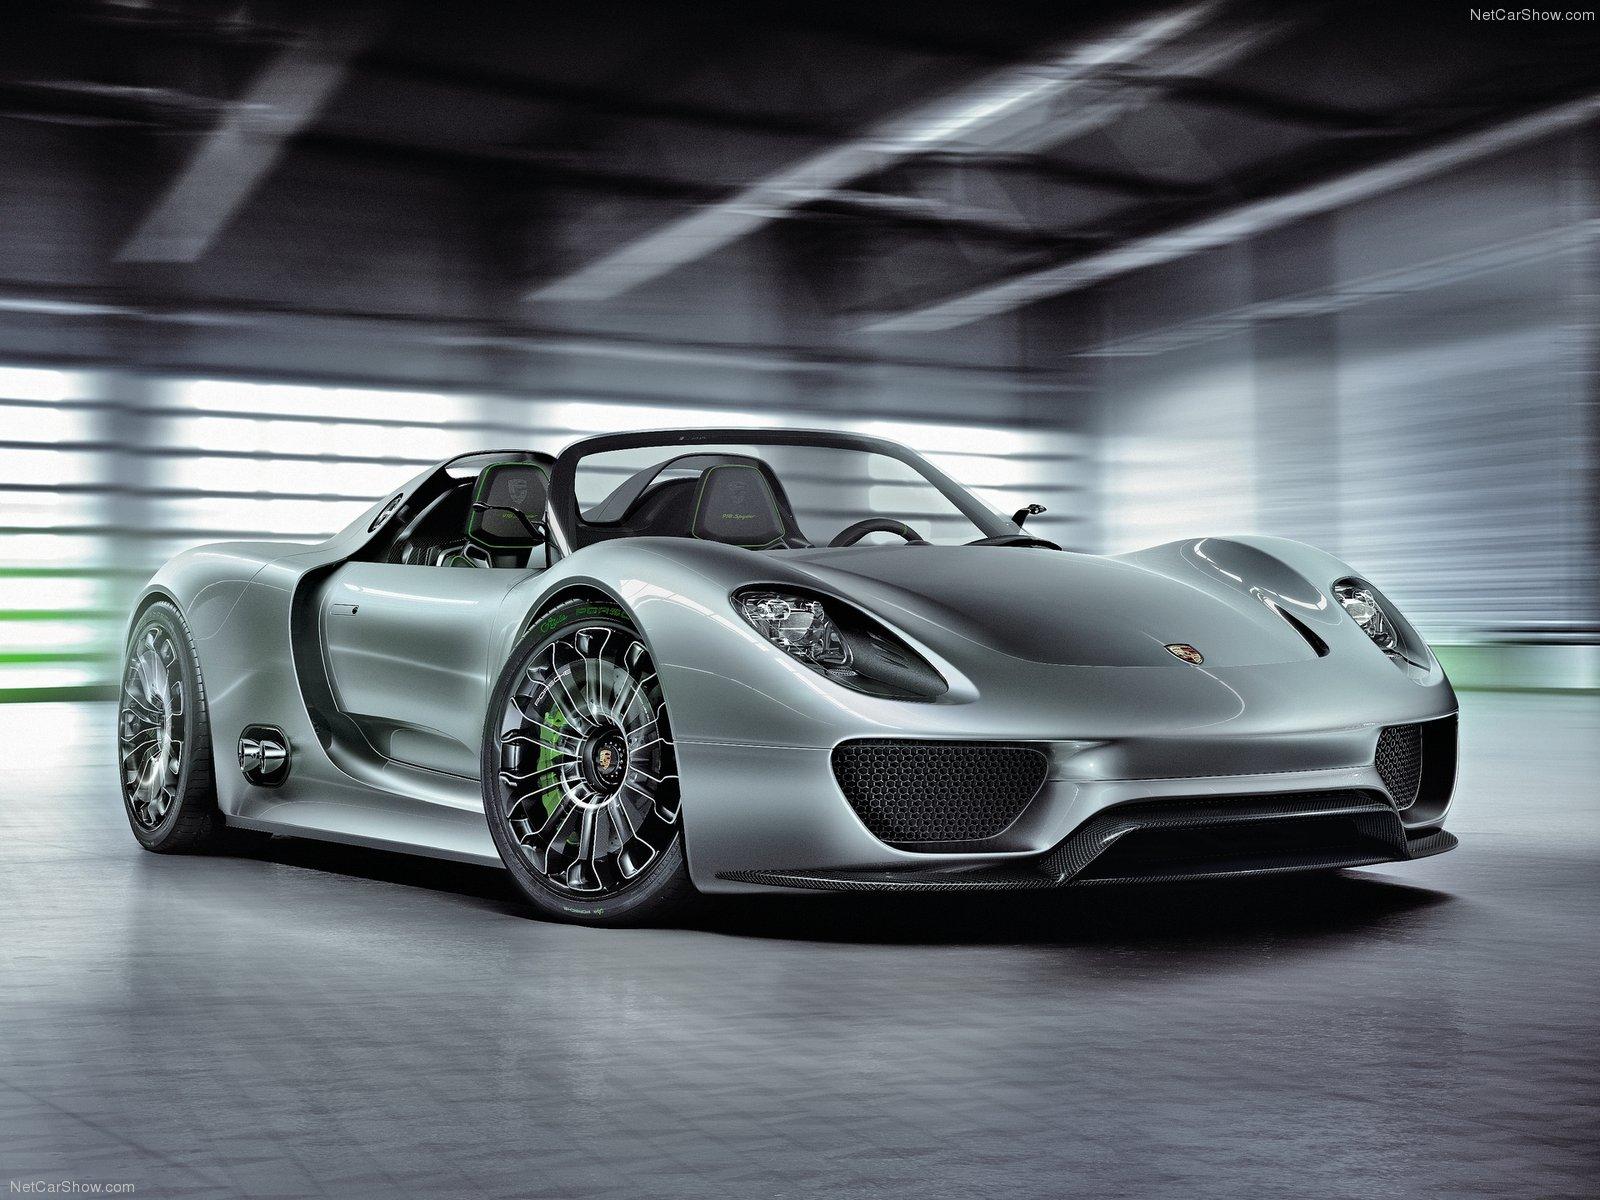 porsche 918 roadster 2012 - Porsche Spyder 2012